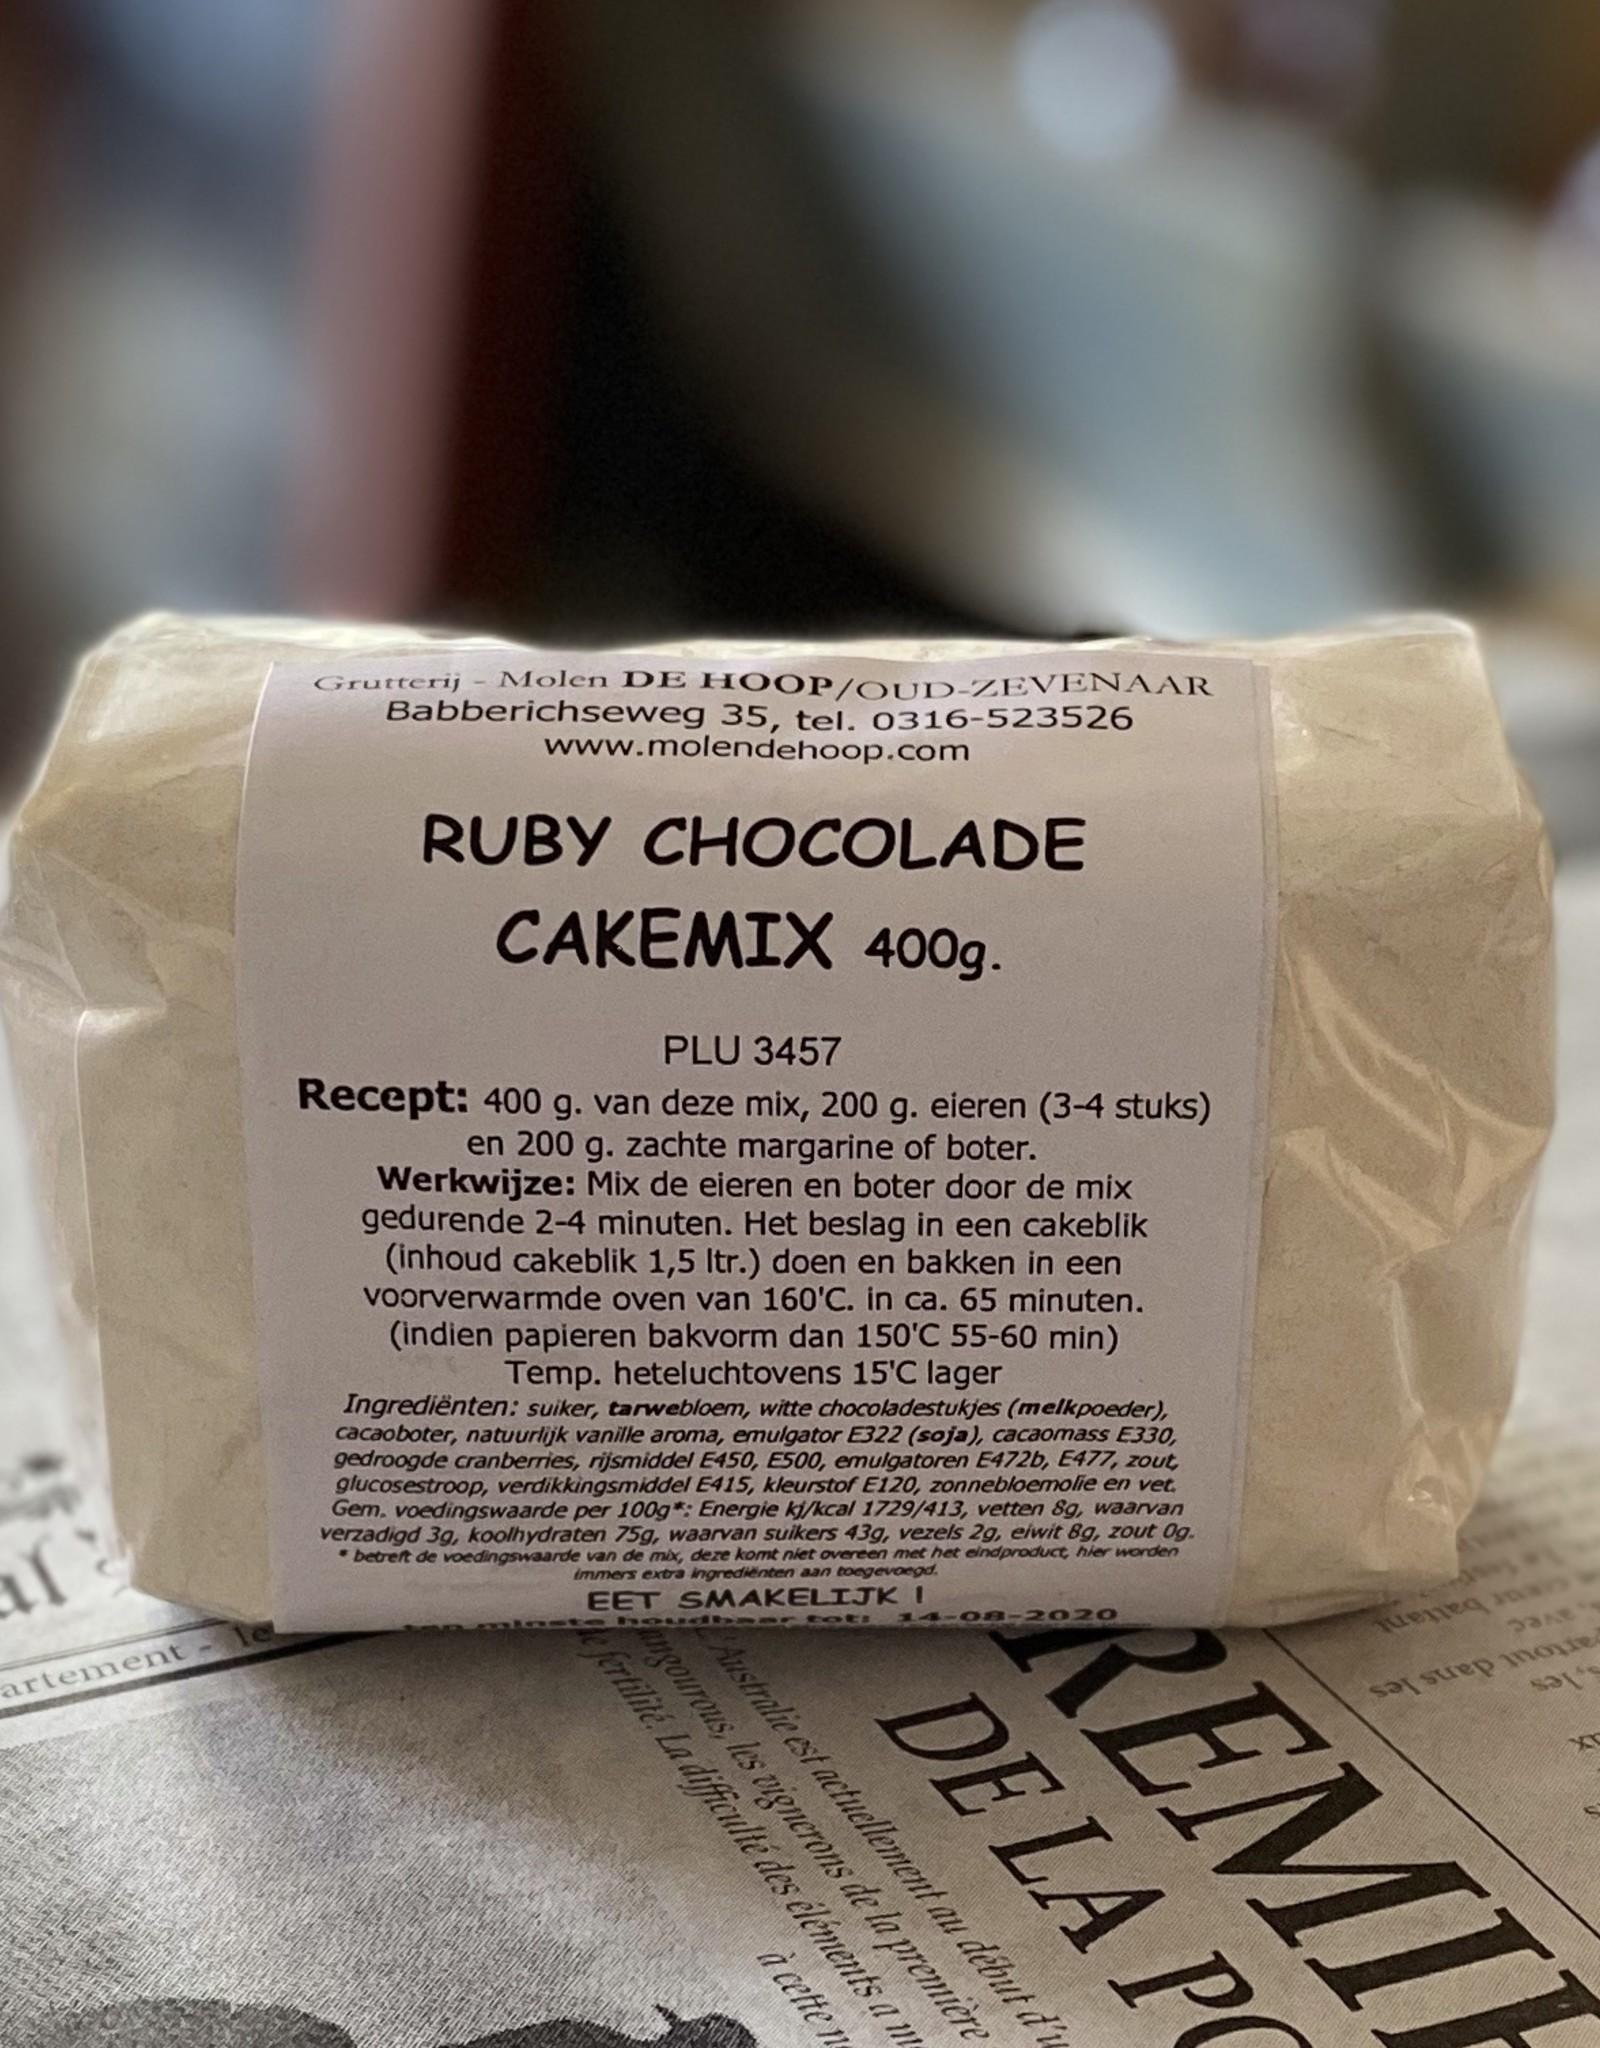 Grutterij Molen de Hoop Ruby Chocolate Cakemix